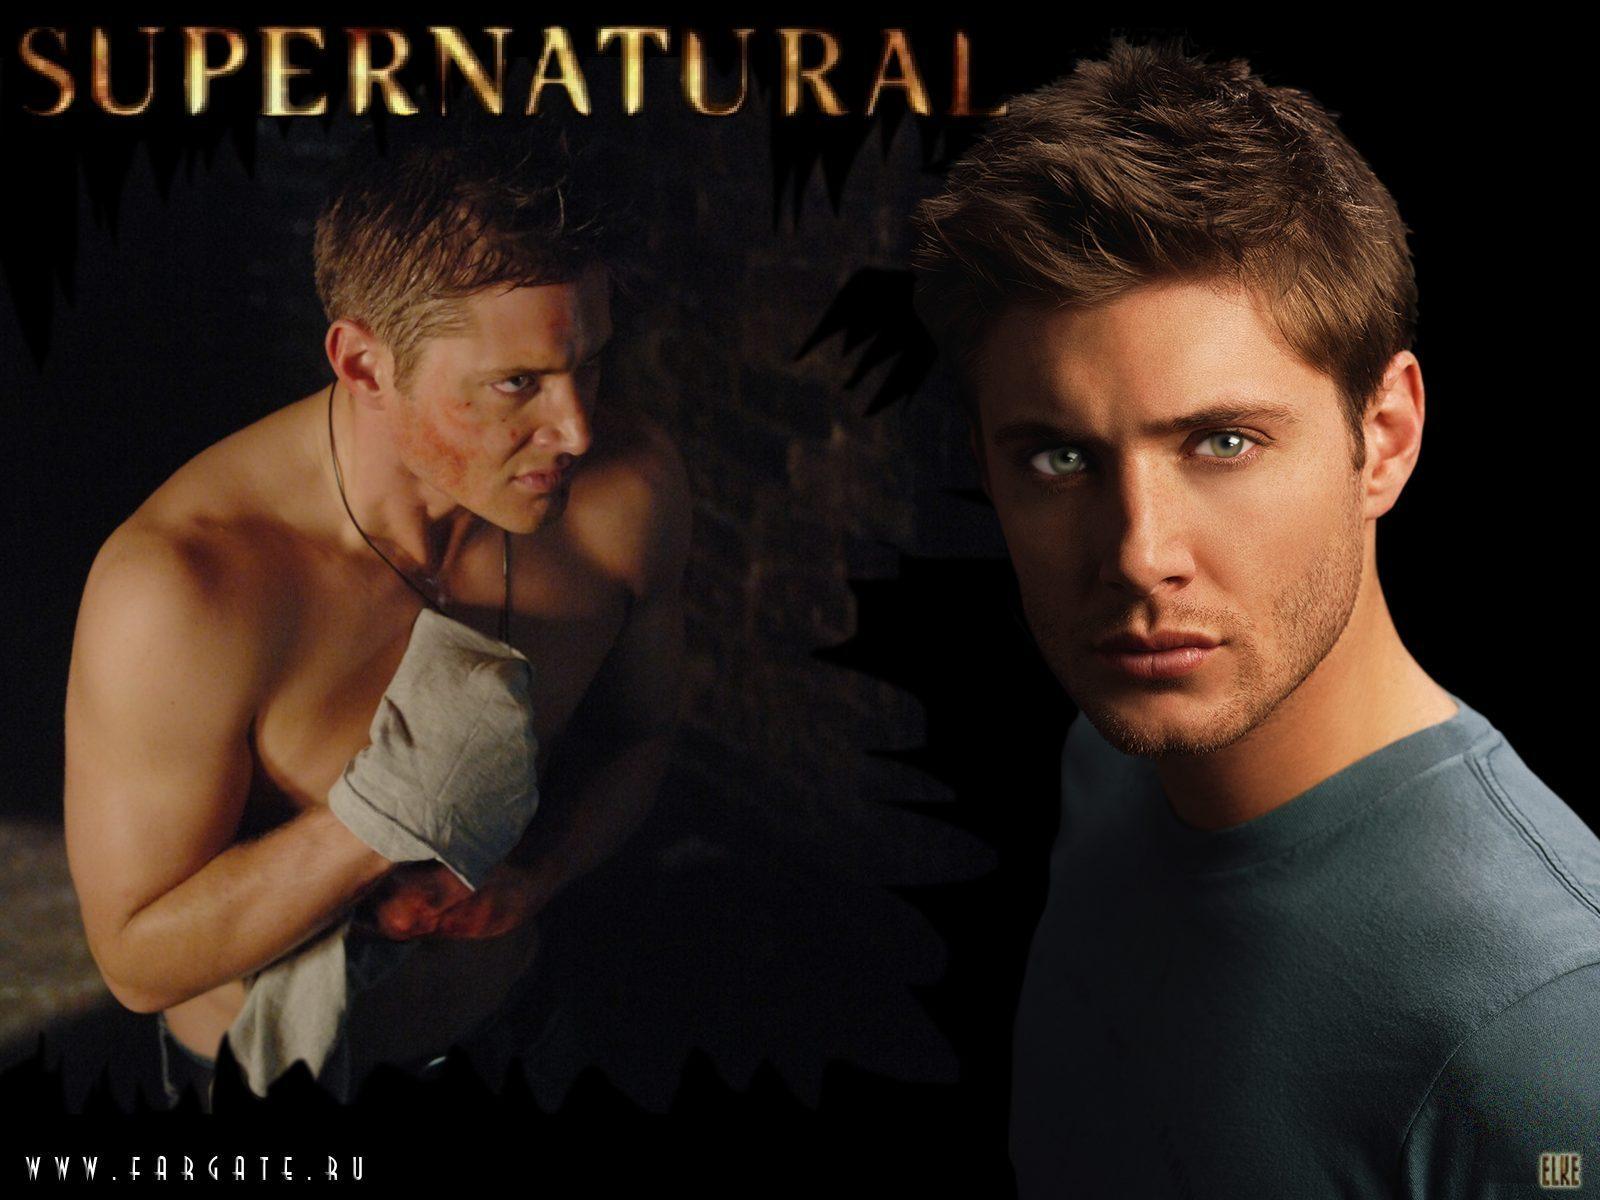 https://1.bp.blogspot.com/-rOLwKSt3d6w/TiiHYR5q8DI/AAAAAAAAAOw/rdKiolNucoM/s1600/Dean-Winchester-supernatural-6375432-1600-1200.jpg